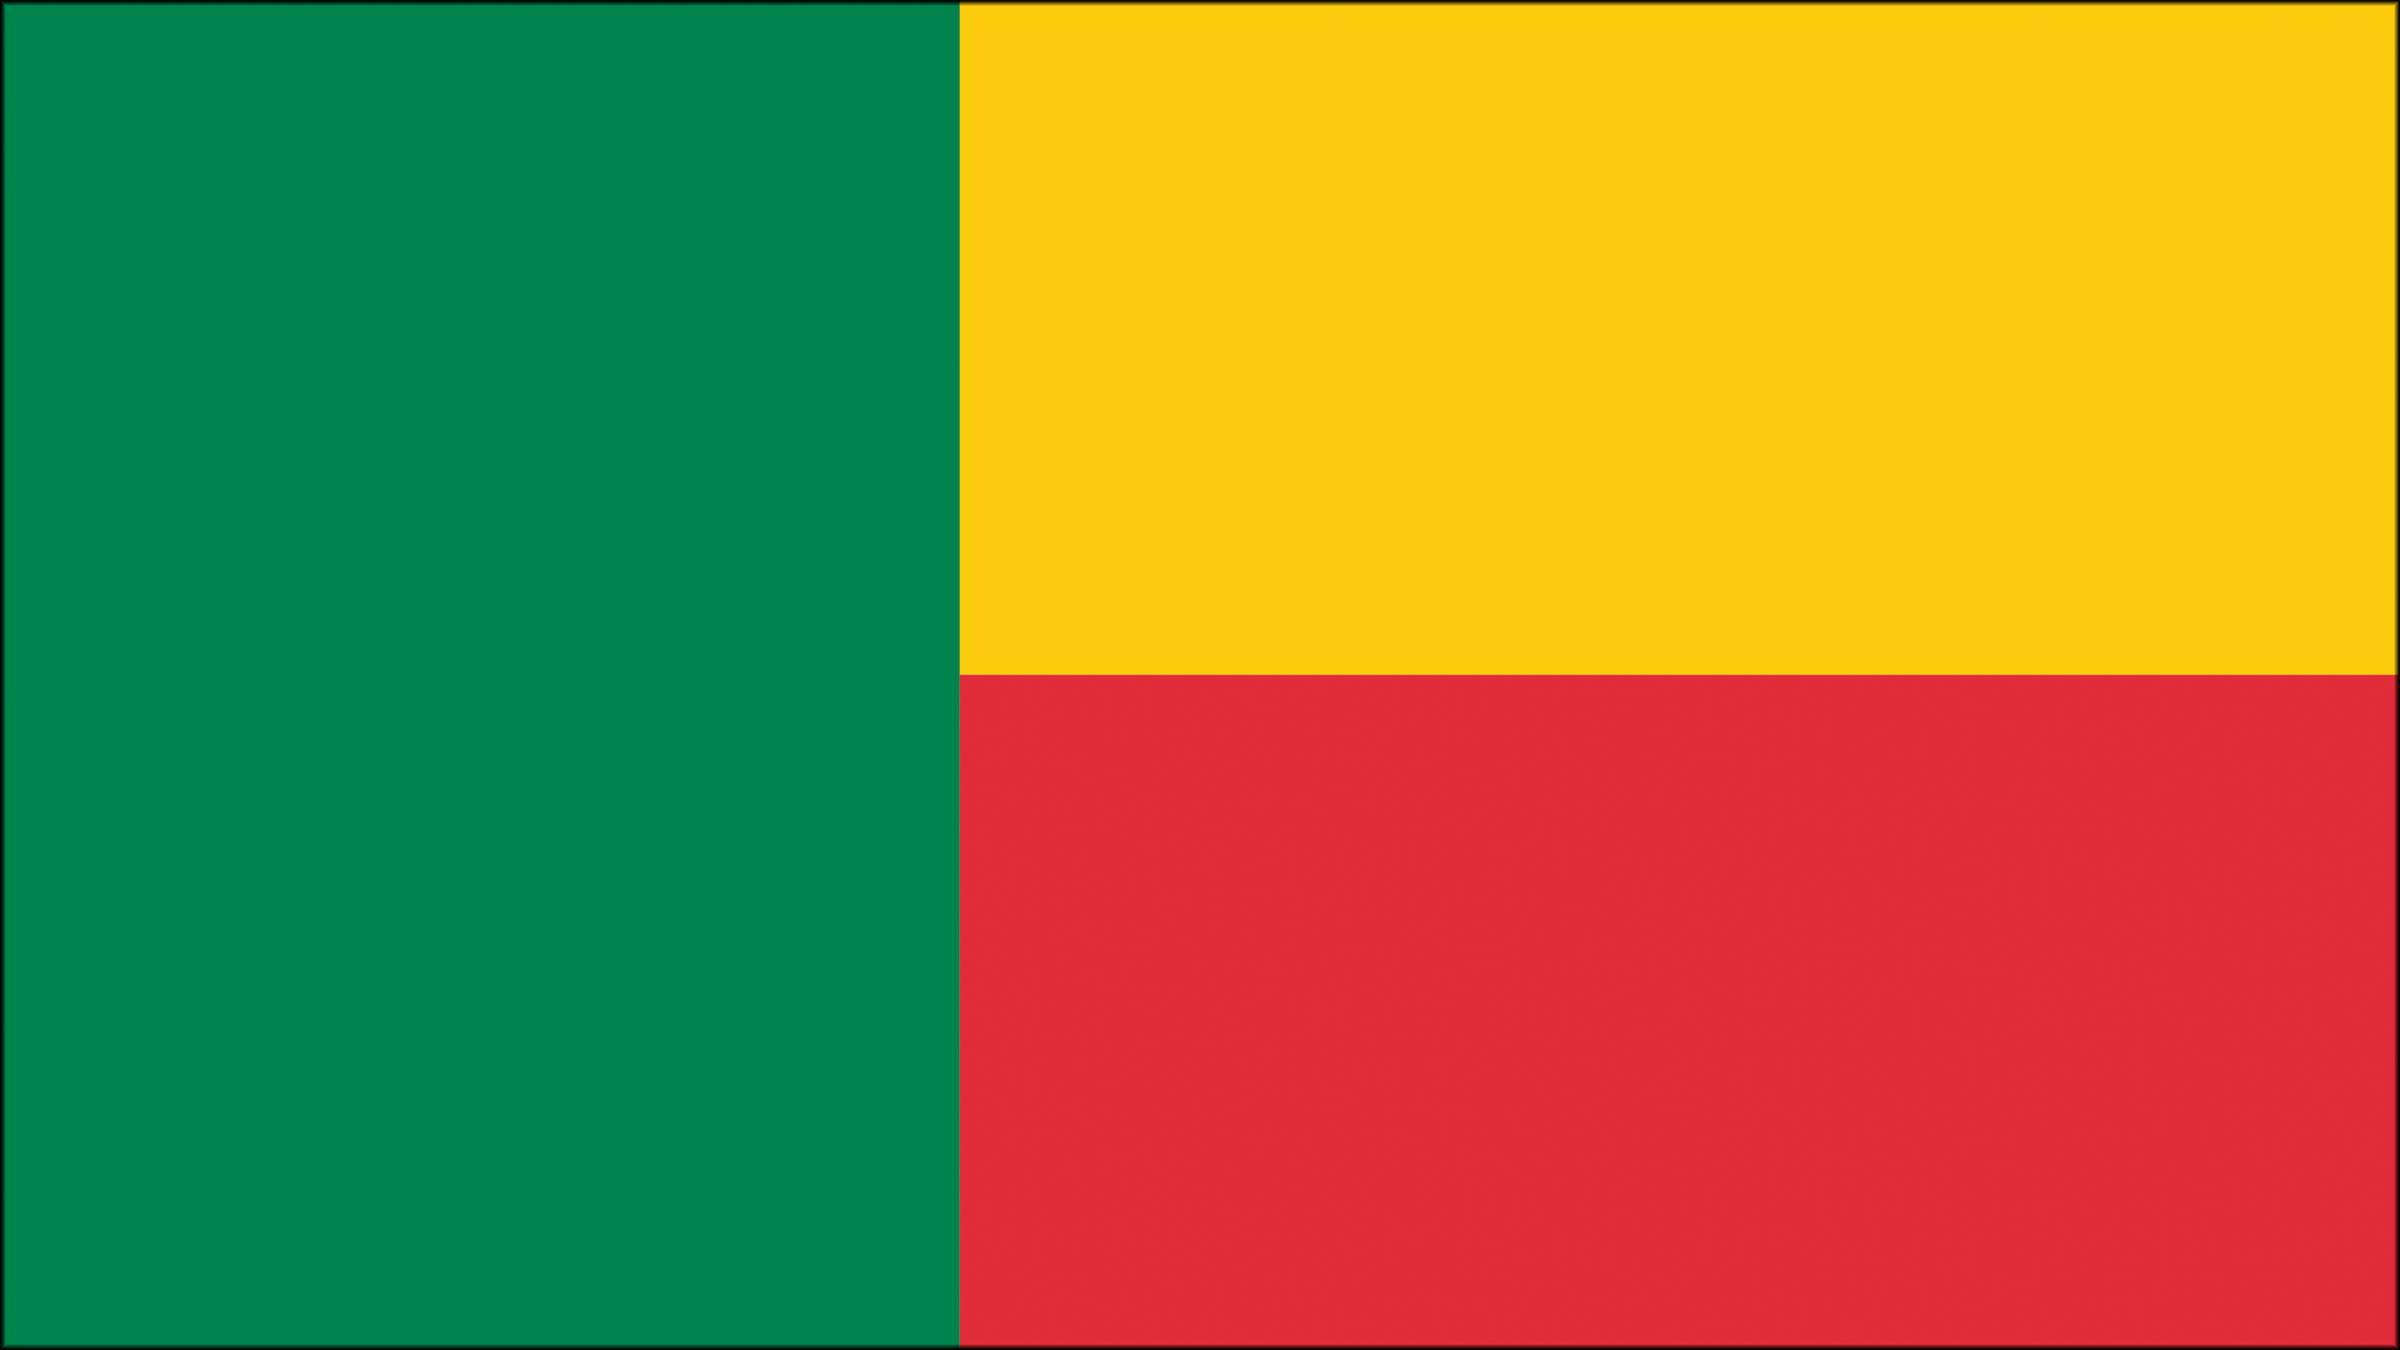 Bandera De Benín Banderas Del Mundo Banderas Bandera